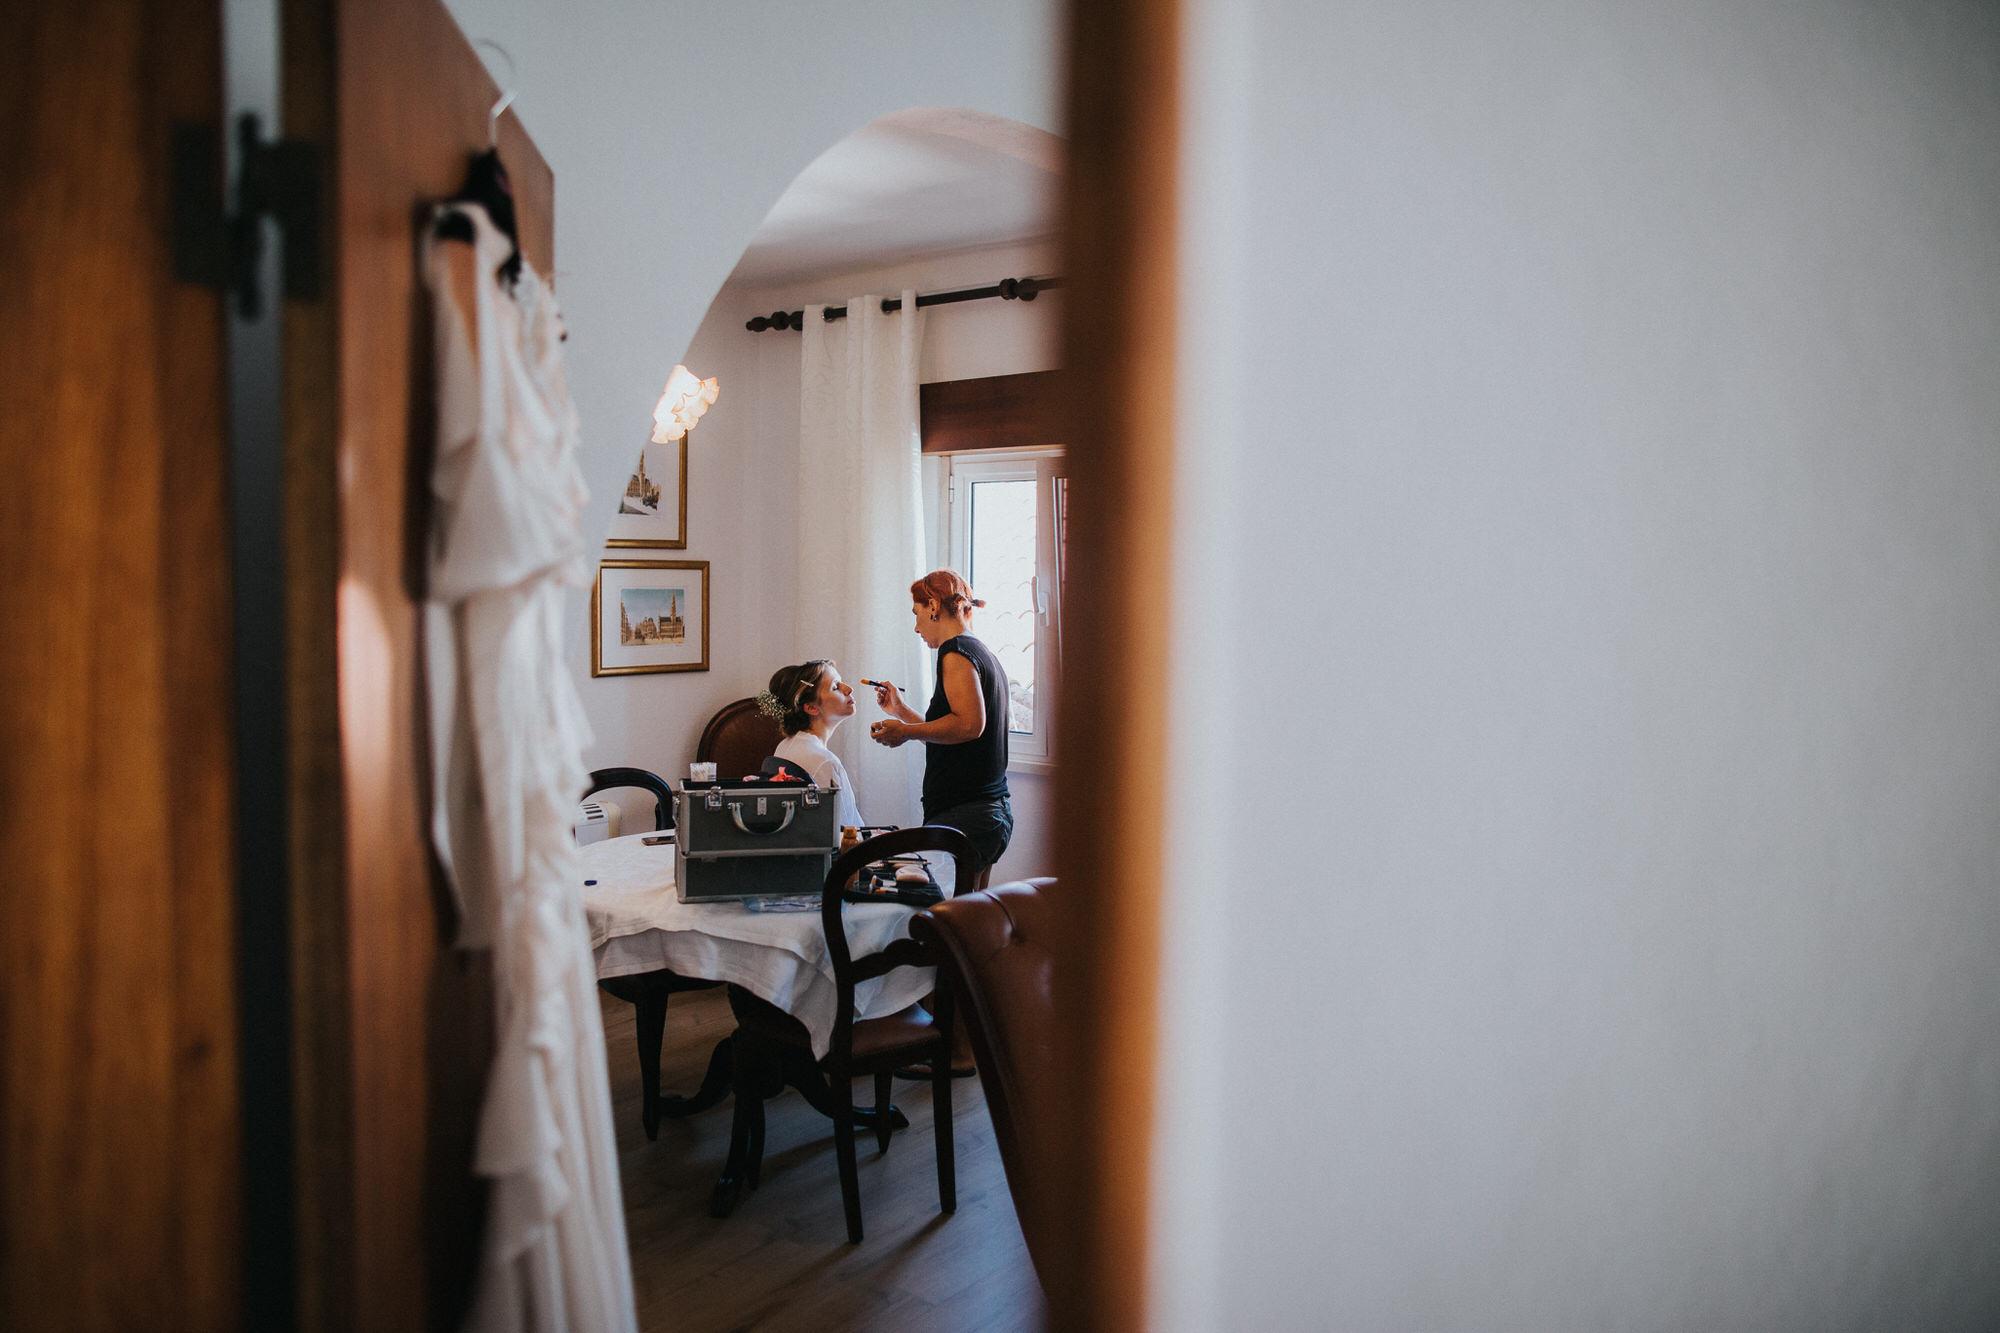 Filipe Santiago Fotografia-fotografo-malveira-lisboa-cascais-mafra-melhores-reportagem-wedding-photography-portugal-lisbon-best-natural-casamentos-lifestyle-bride-ideias-rustic-boho-hair-mackup-damas-preparativos-preparations-bridemaids-dress